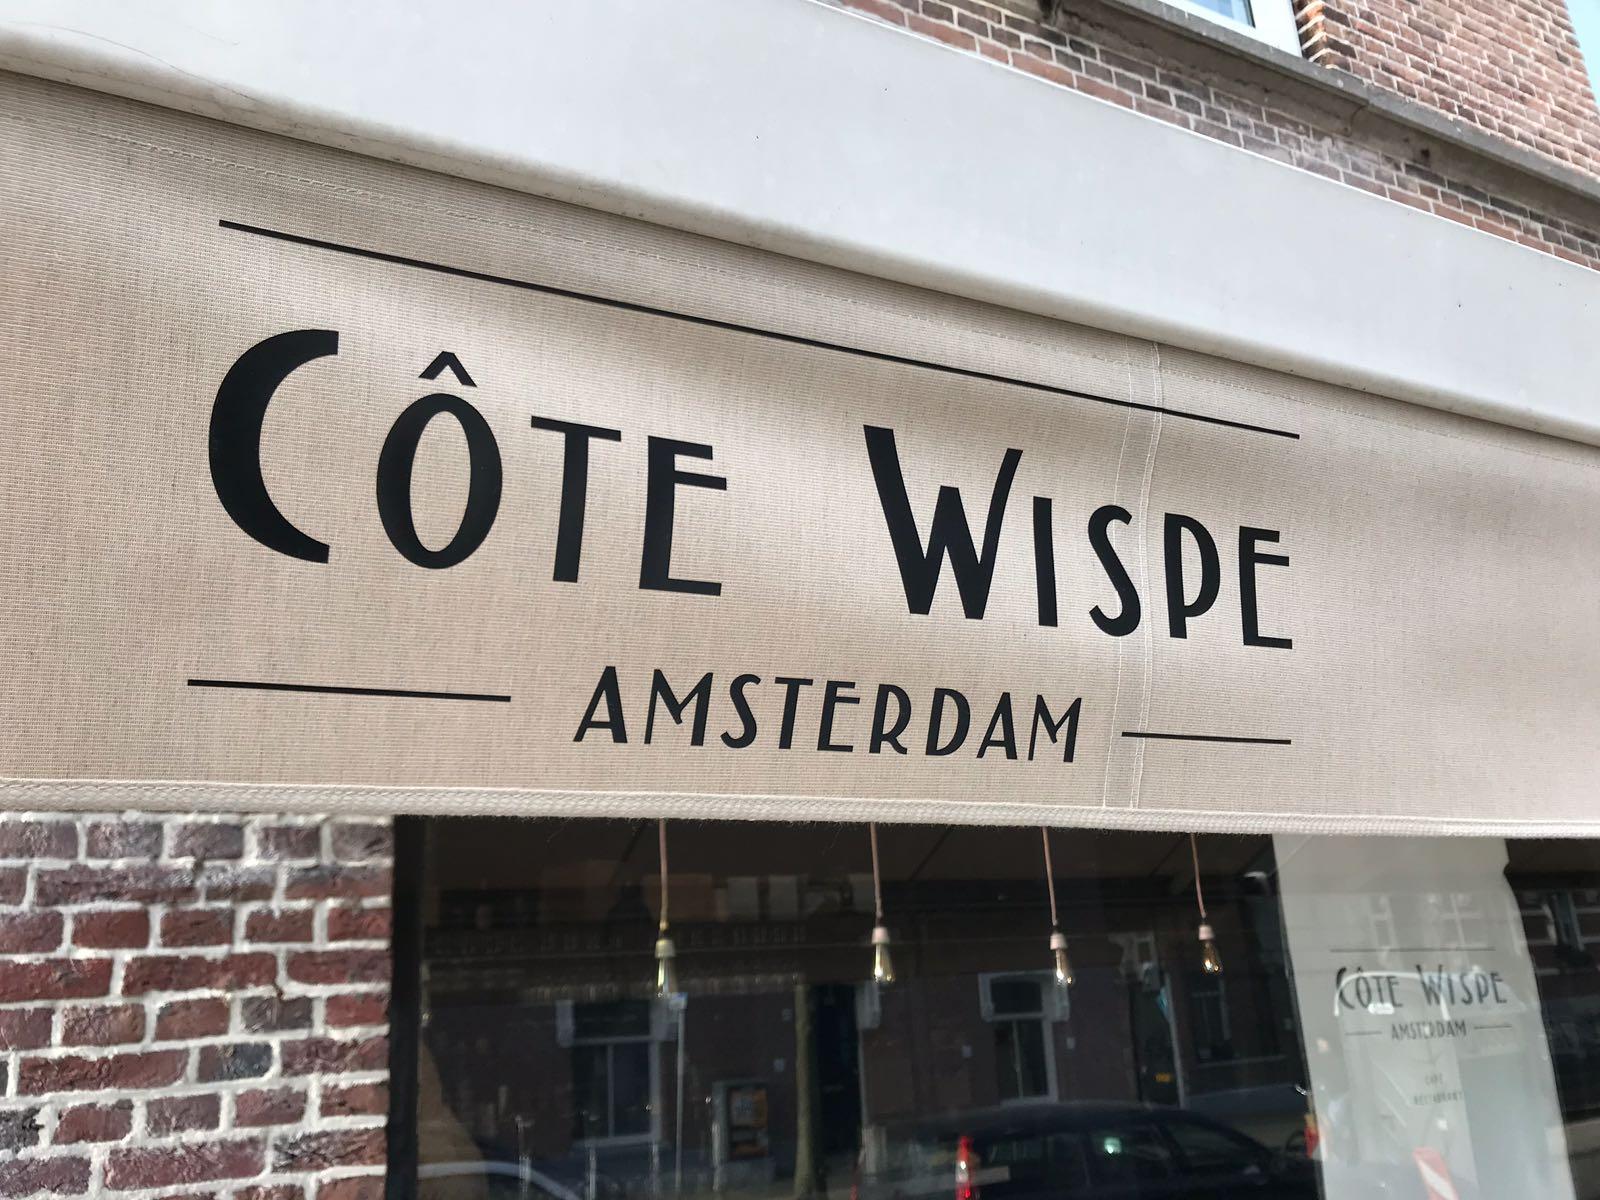 cote wispe Amsterdam